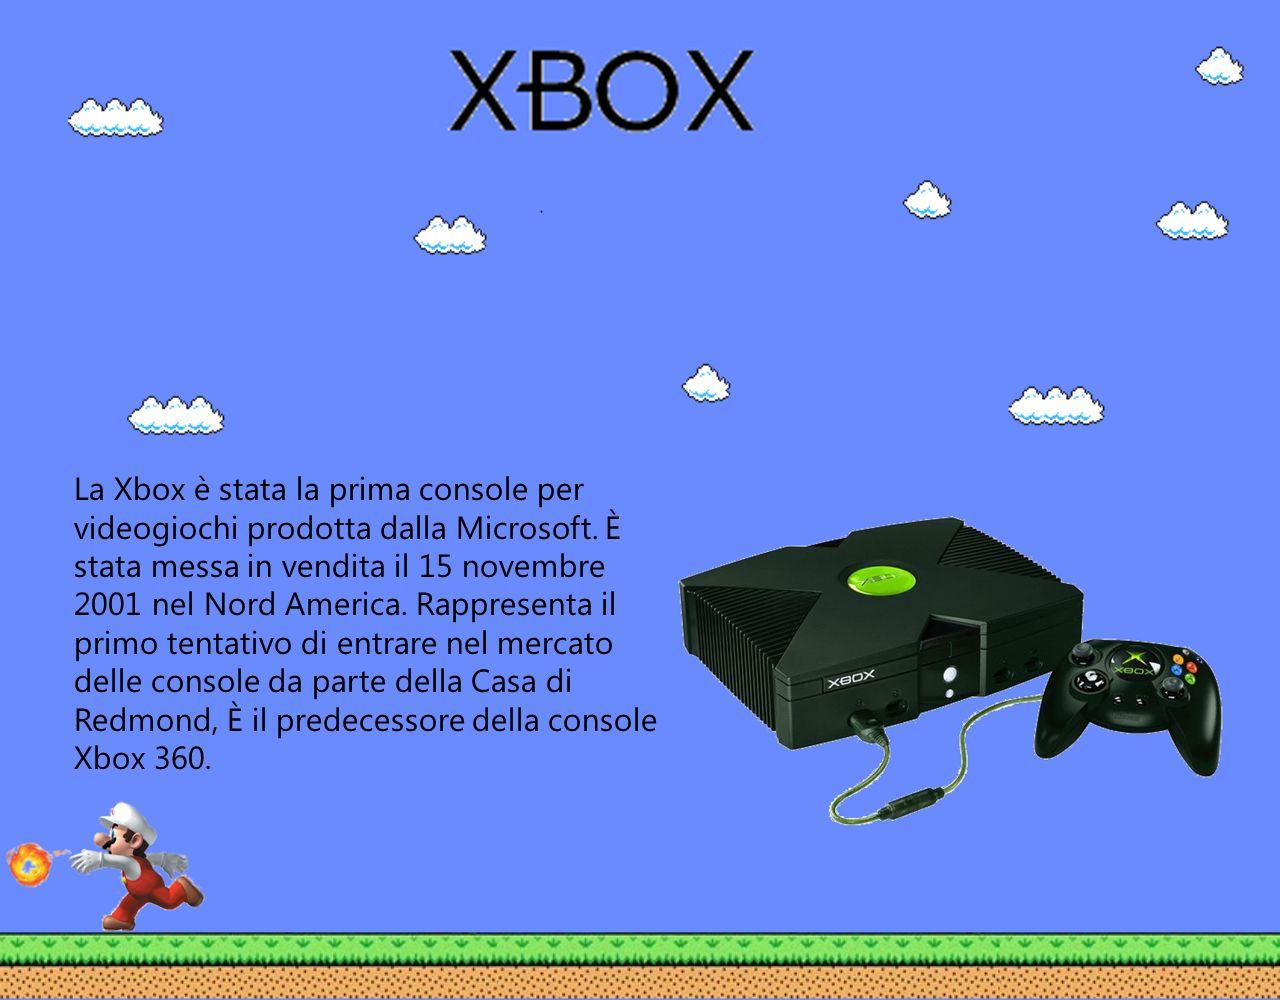 La Xbox è stata la prima console per videogiochi prodotta dalla Microsoft. È stata messa in vendita il 15 novembre 2001 nel Nord America. Rappresenta